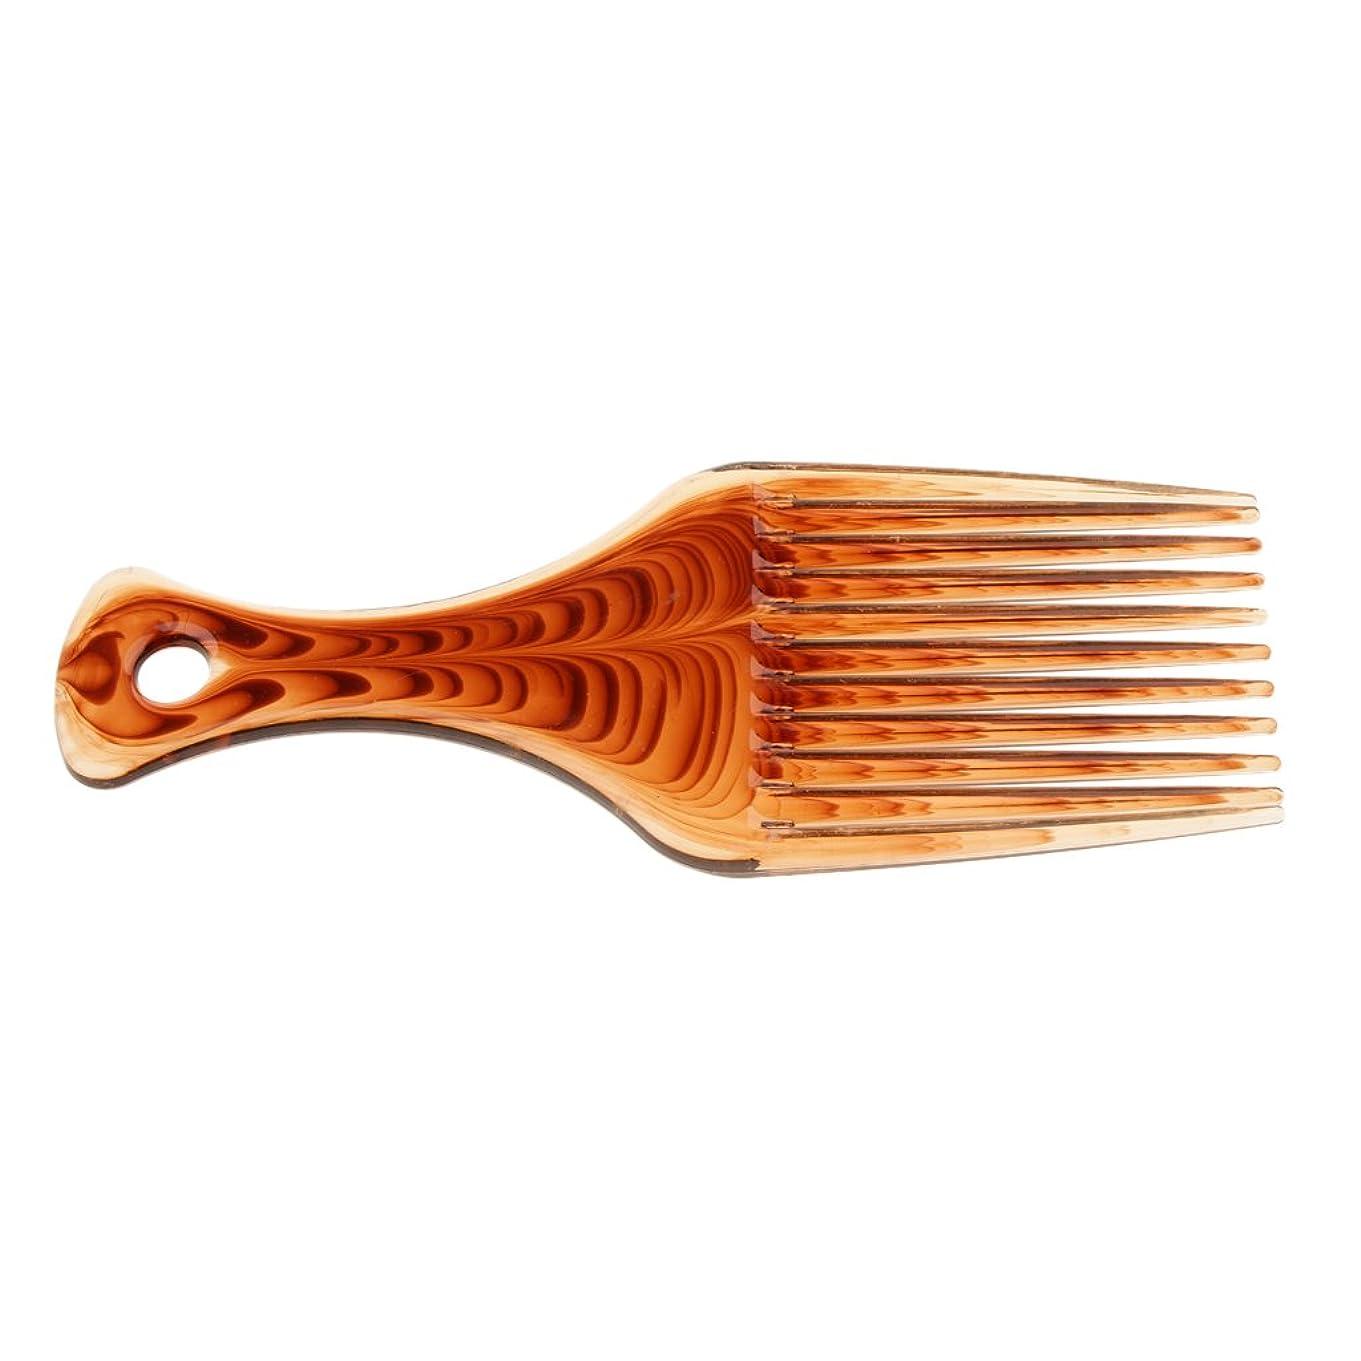 懇願するフォアタイプ是正Blesiya ヘアブラシ 髪の櫛 アフロ 櫛 プロ 実用的 ヘアスタイリング 持ち上げ ヘアブラシ